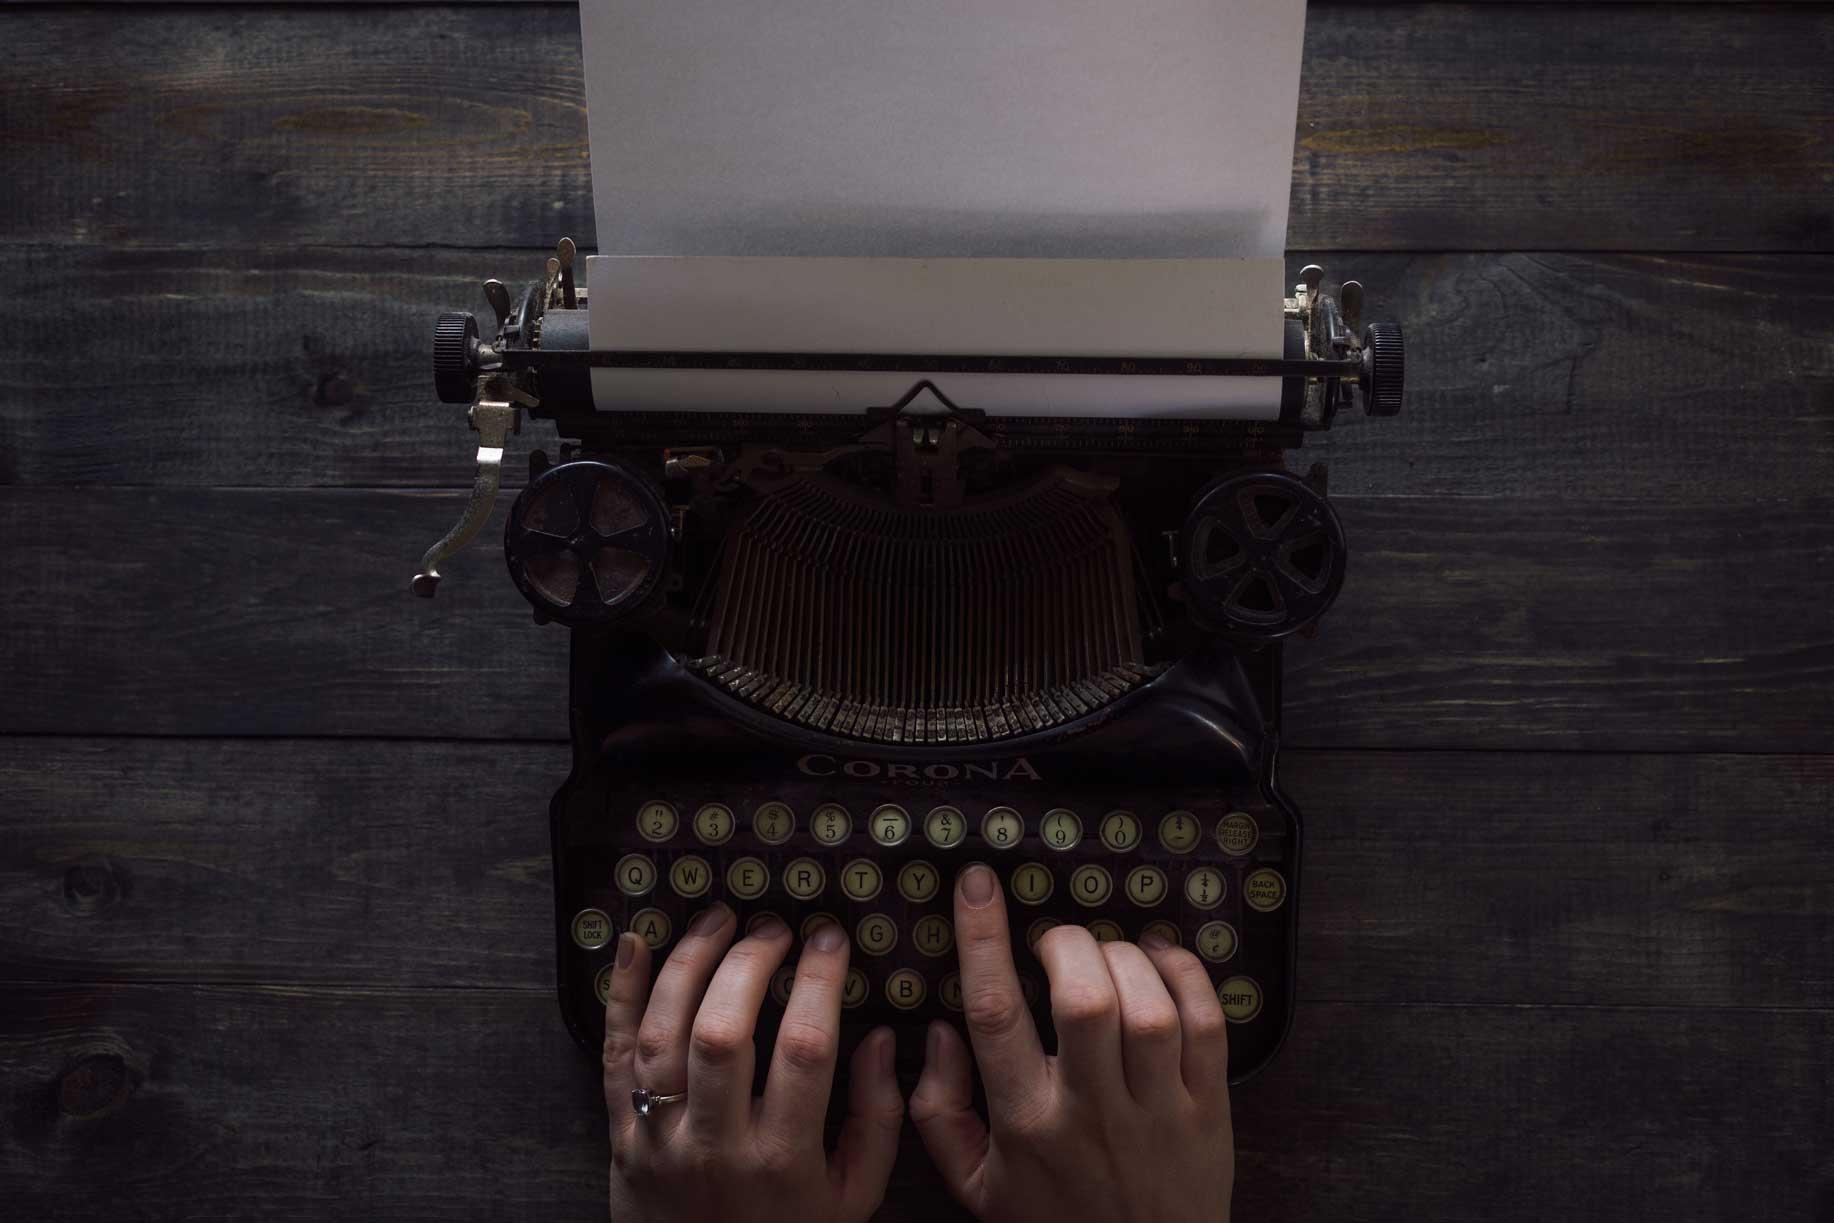 lettera per riconquistare un amore